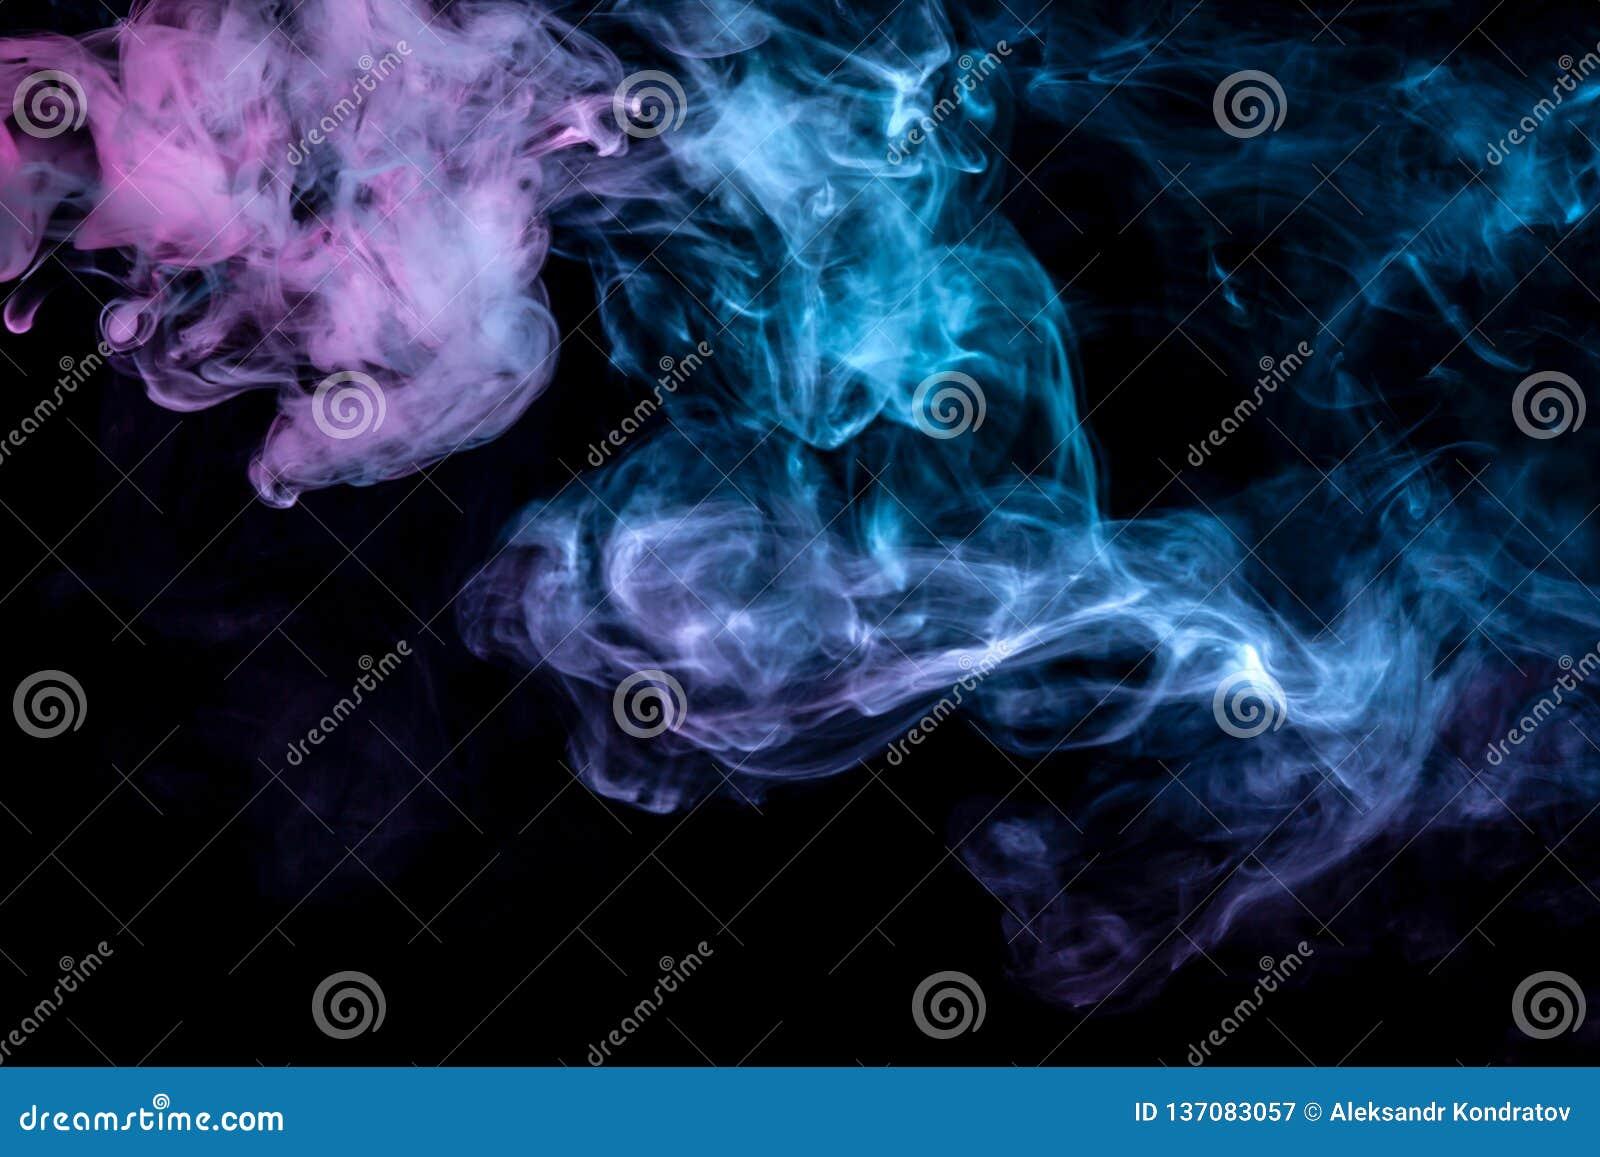 Nuages De Fumee Coloree Bleu Rouge Vert Rose Faire Remonter L Ecran Sur Un Fond Noir Dans La Fin Image Stock Image Du Vert Noir 137083057